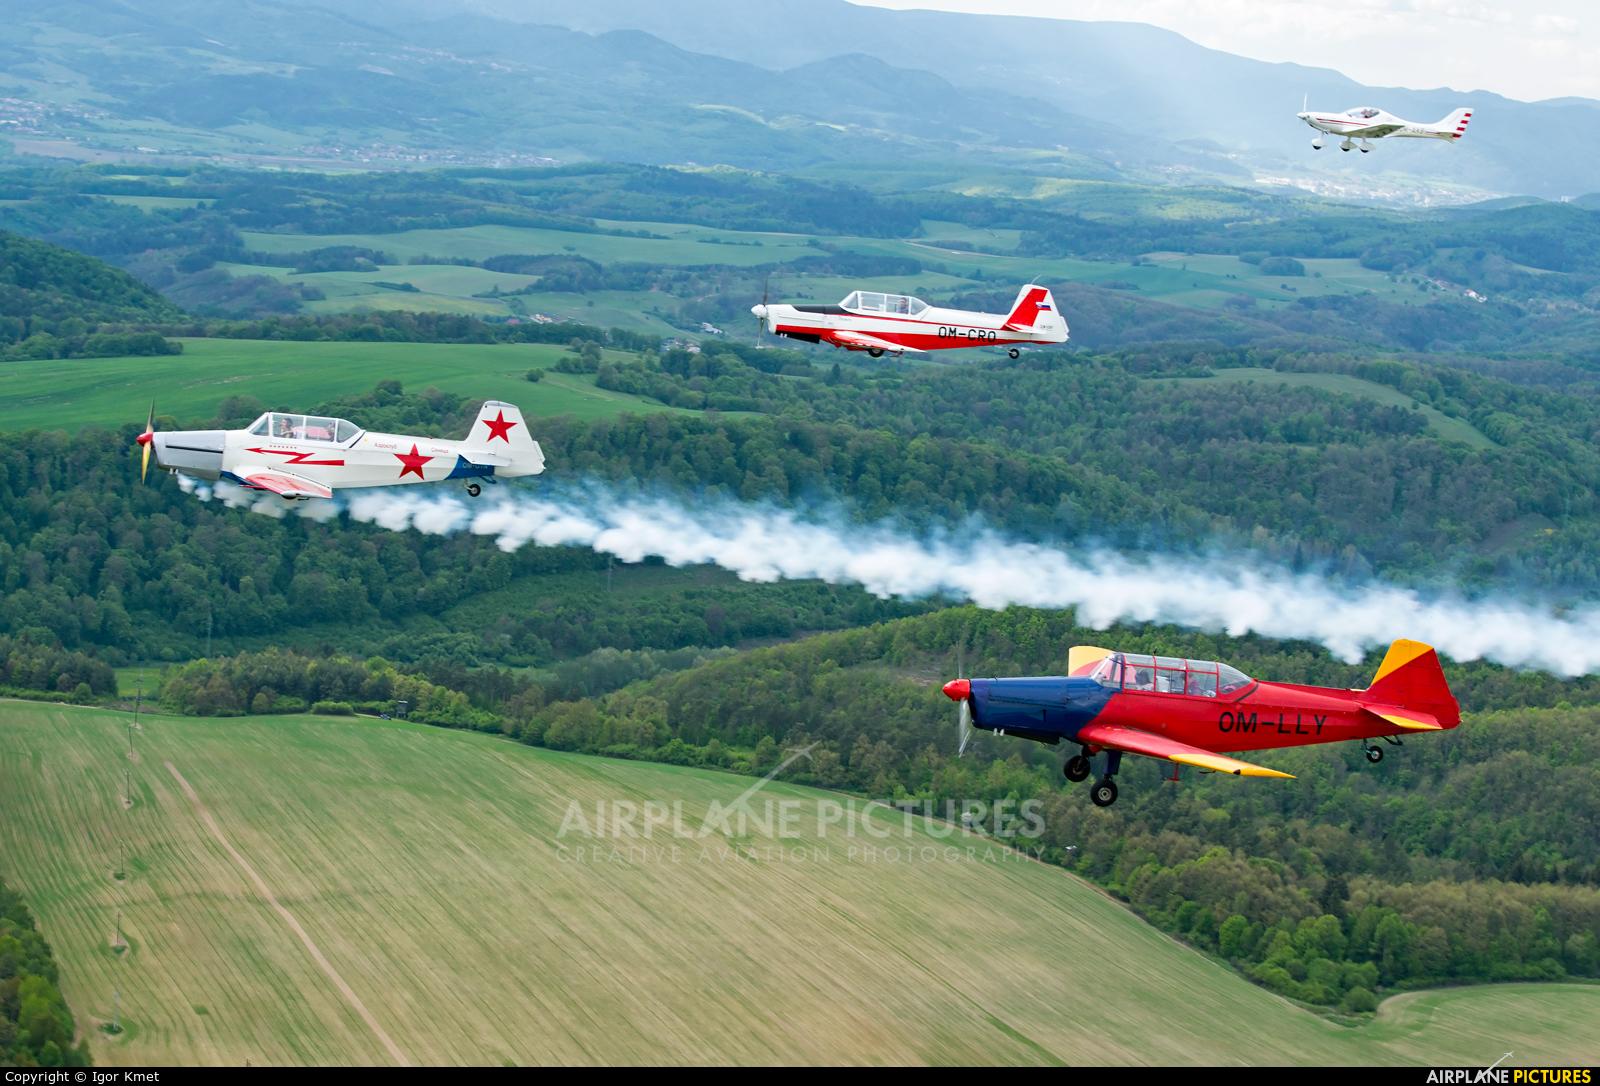 Aeroklub Spišská Nová Ves OM-LLY aircraft at In Flight - Slovakia